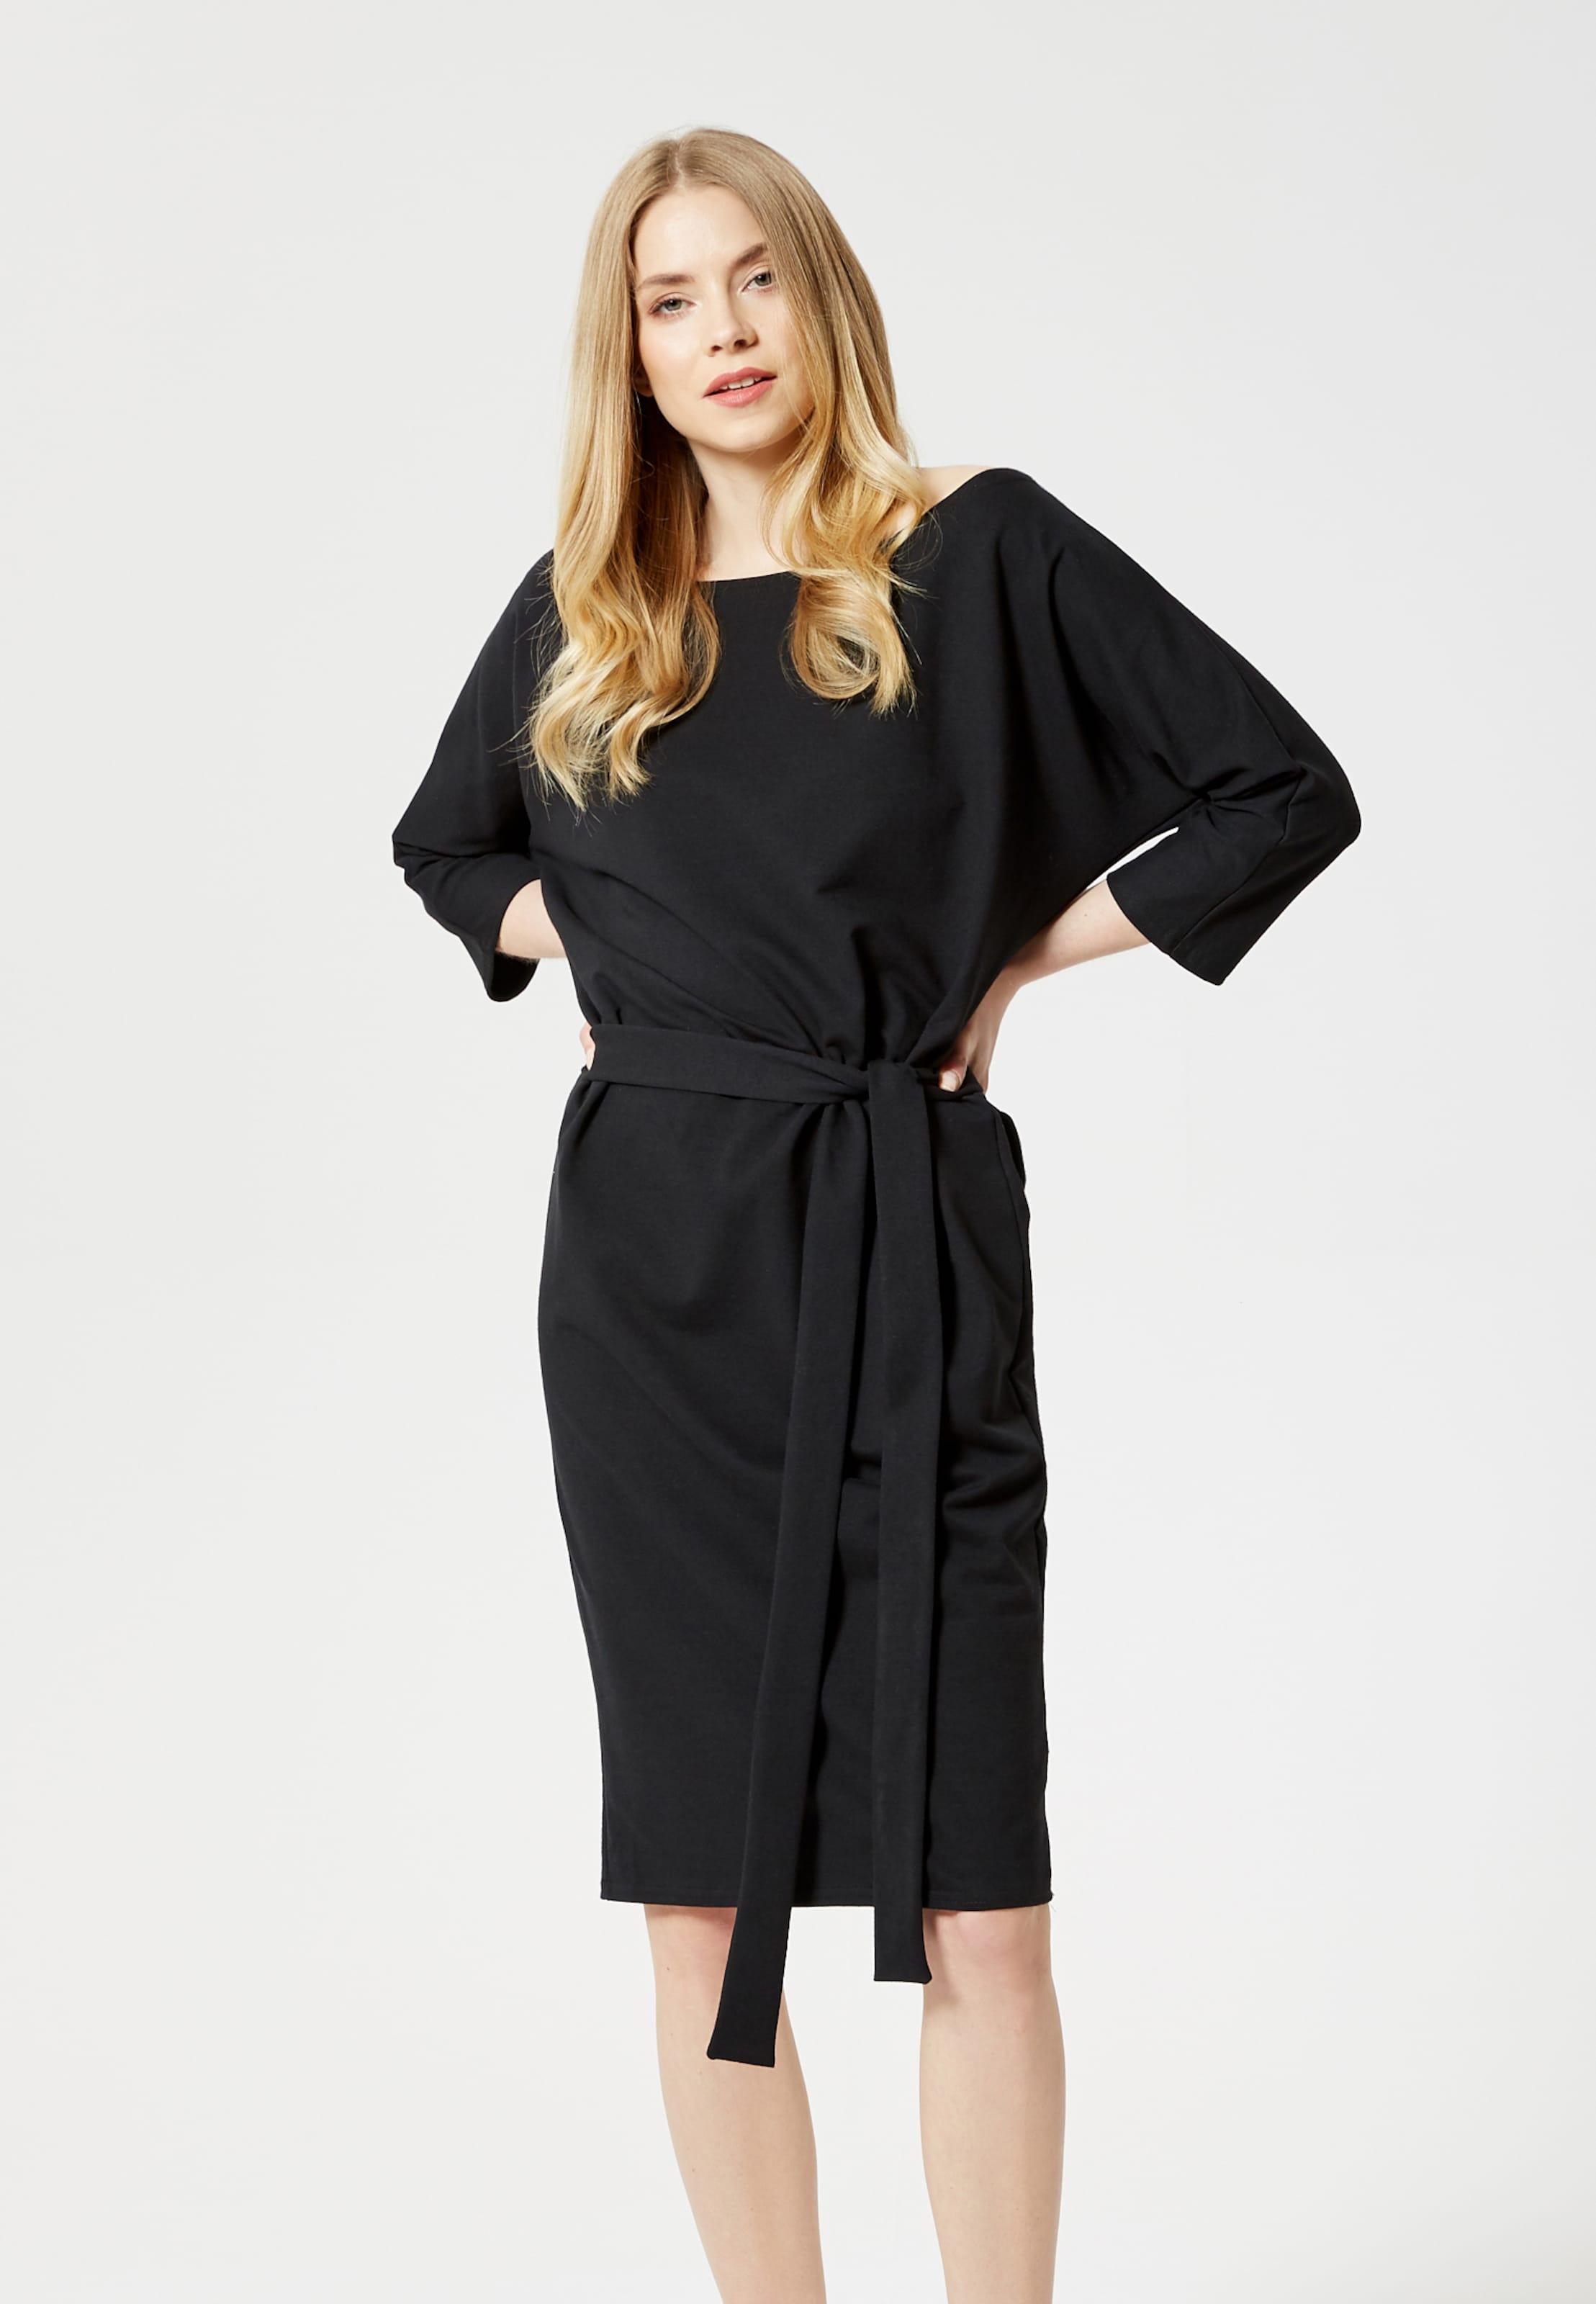 Usha In Kleid Kleid Usha Schwarz Schwarz Kleid In In Usha nOwkX80P